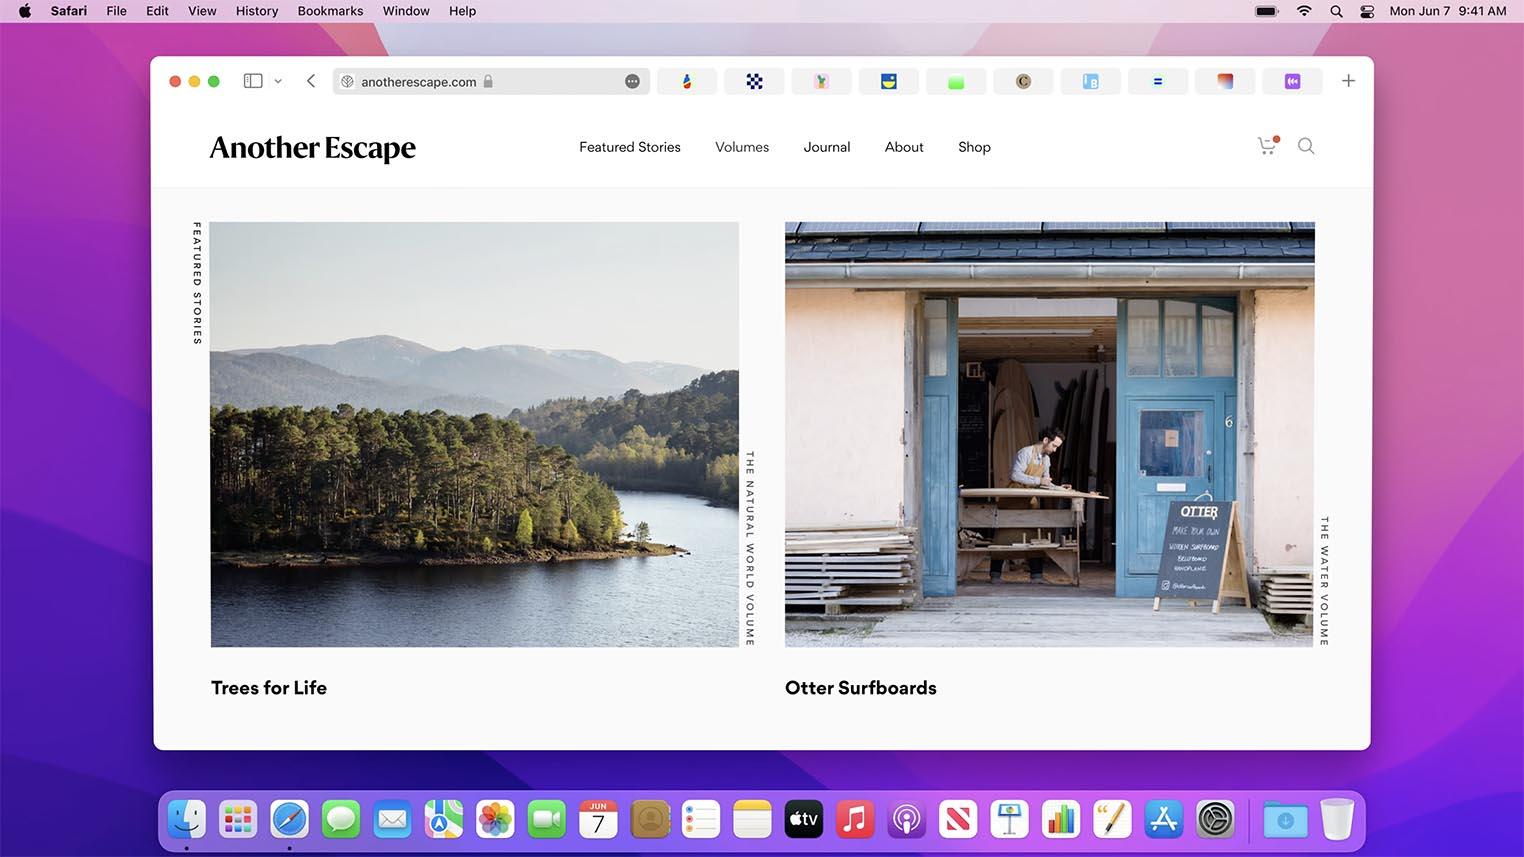 Safari 15 macOS Monterey